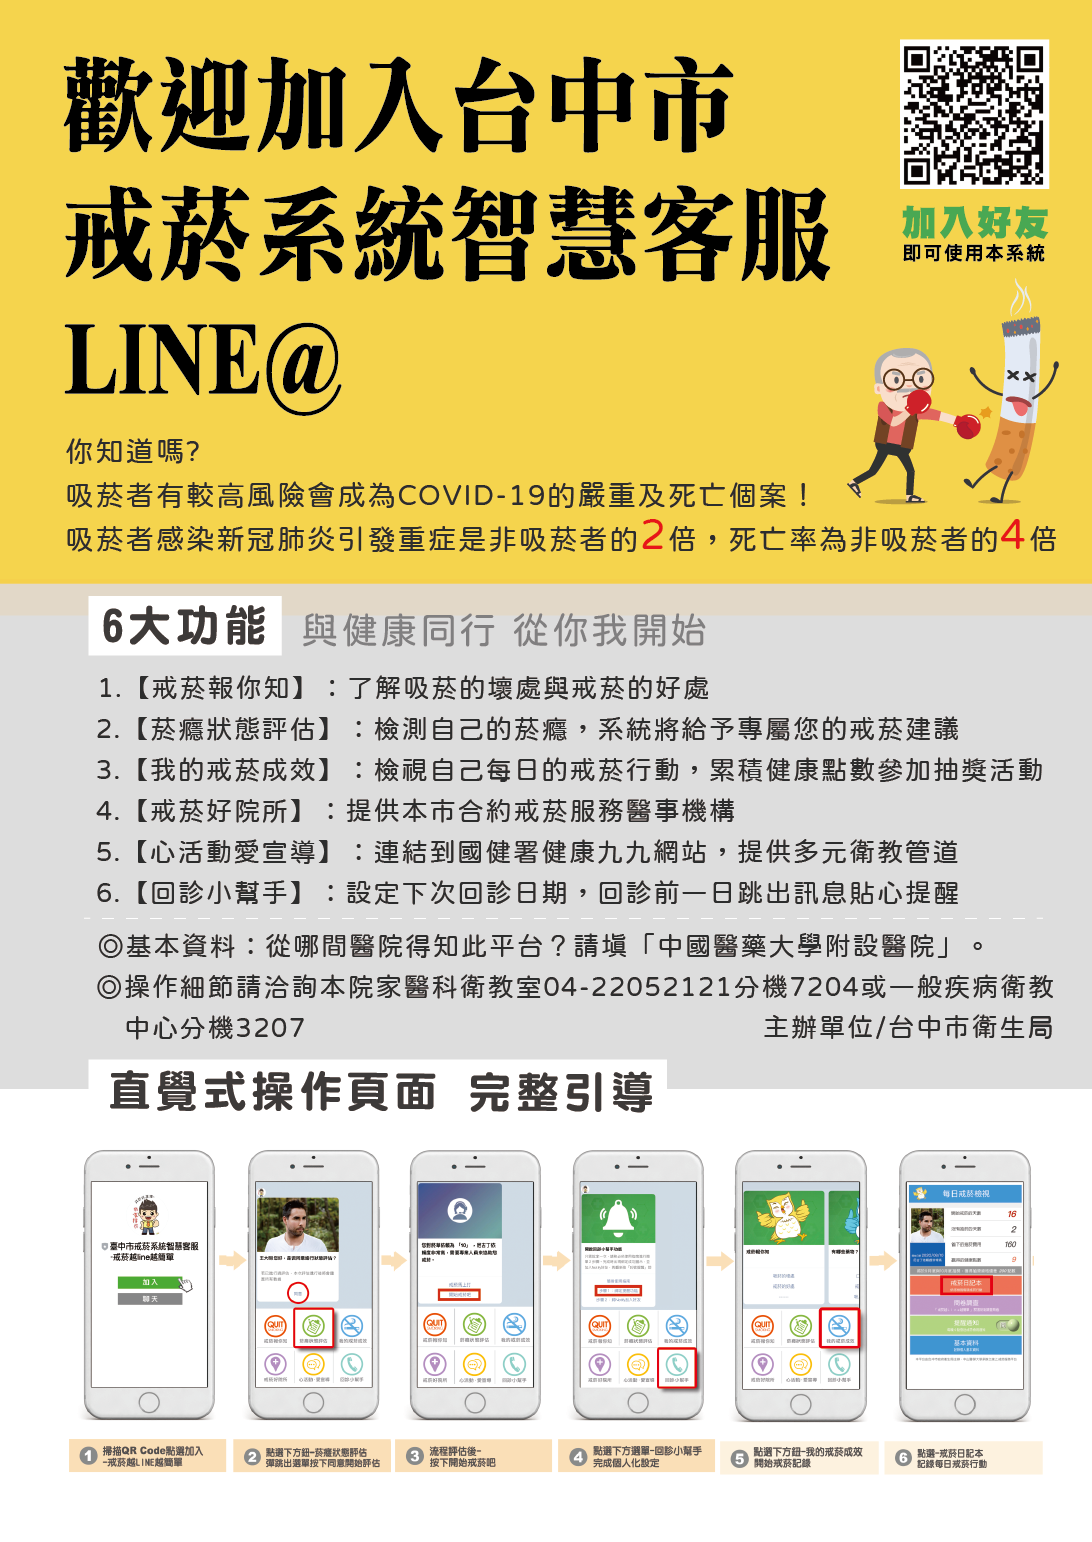 台中市戒菸系統智慧客服LINE@